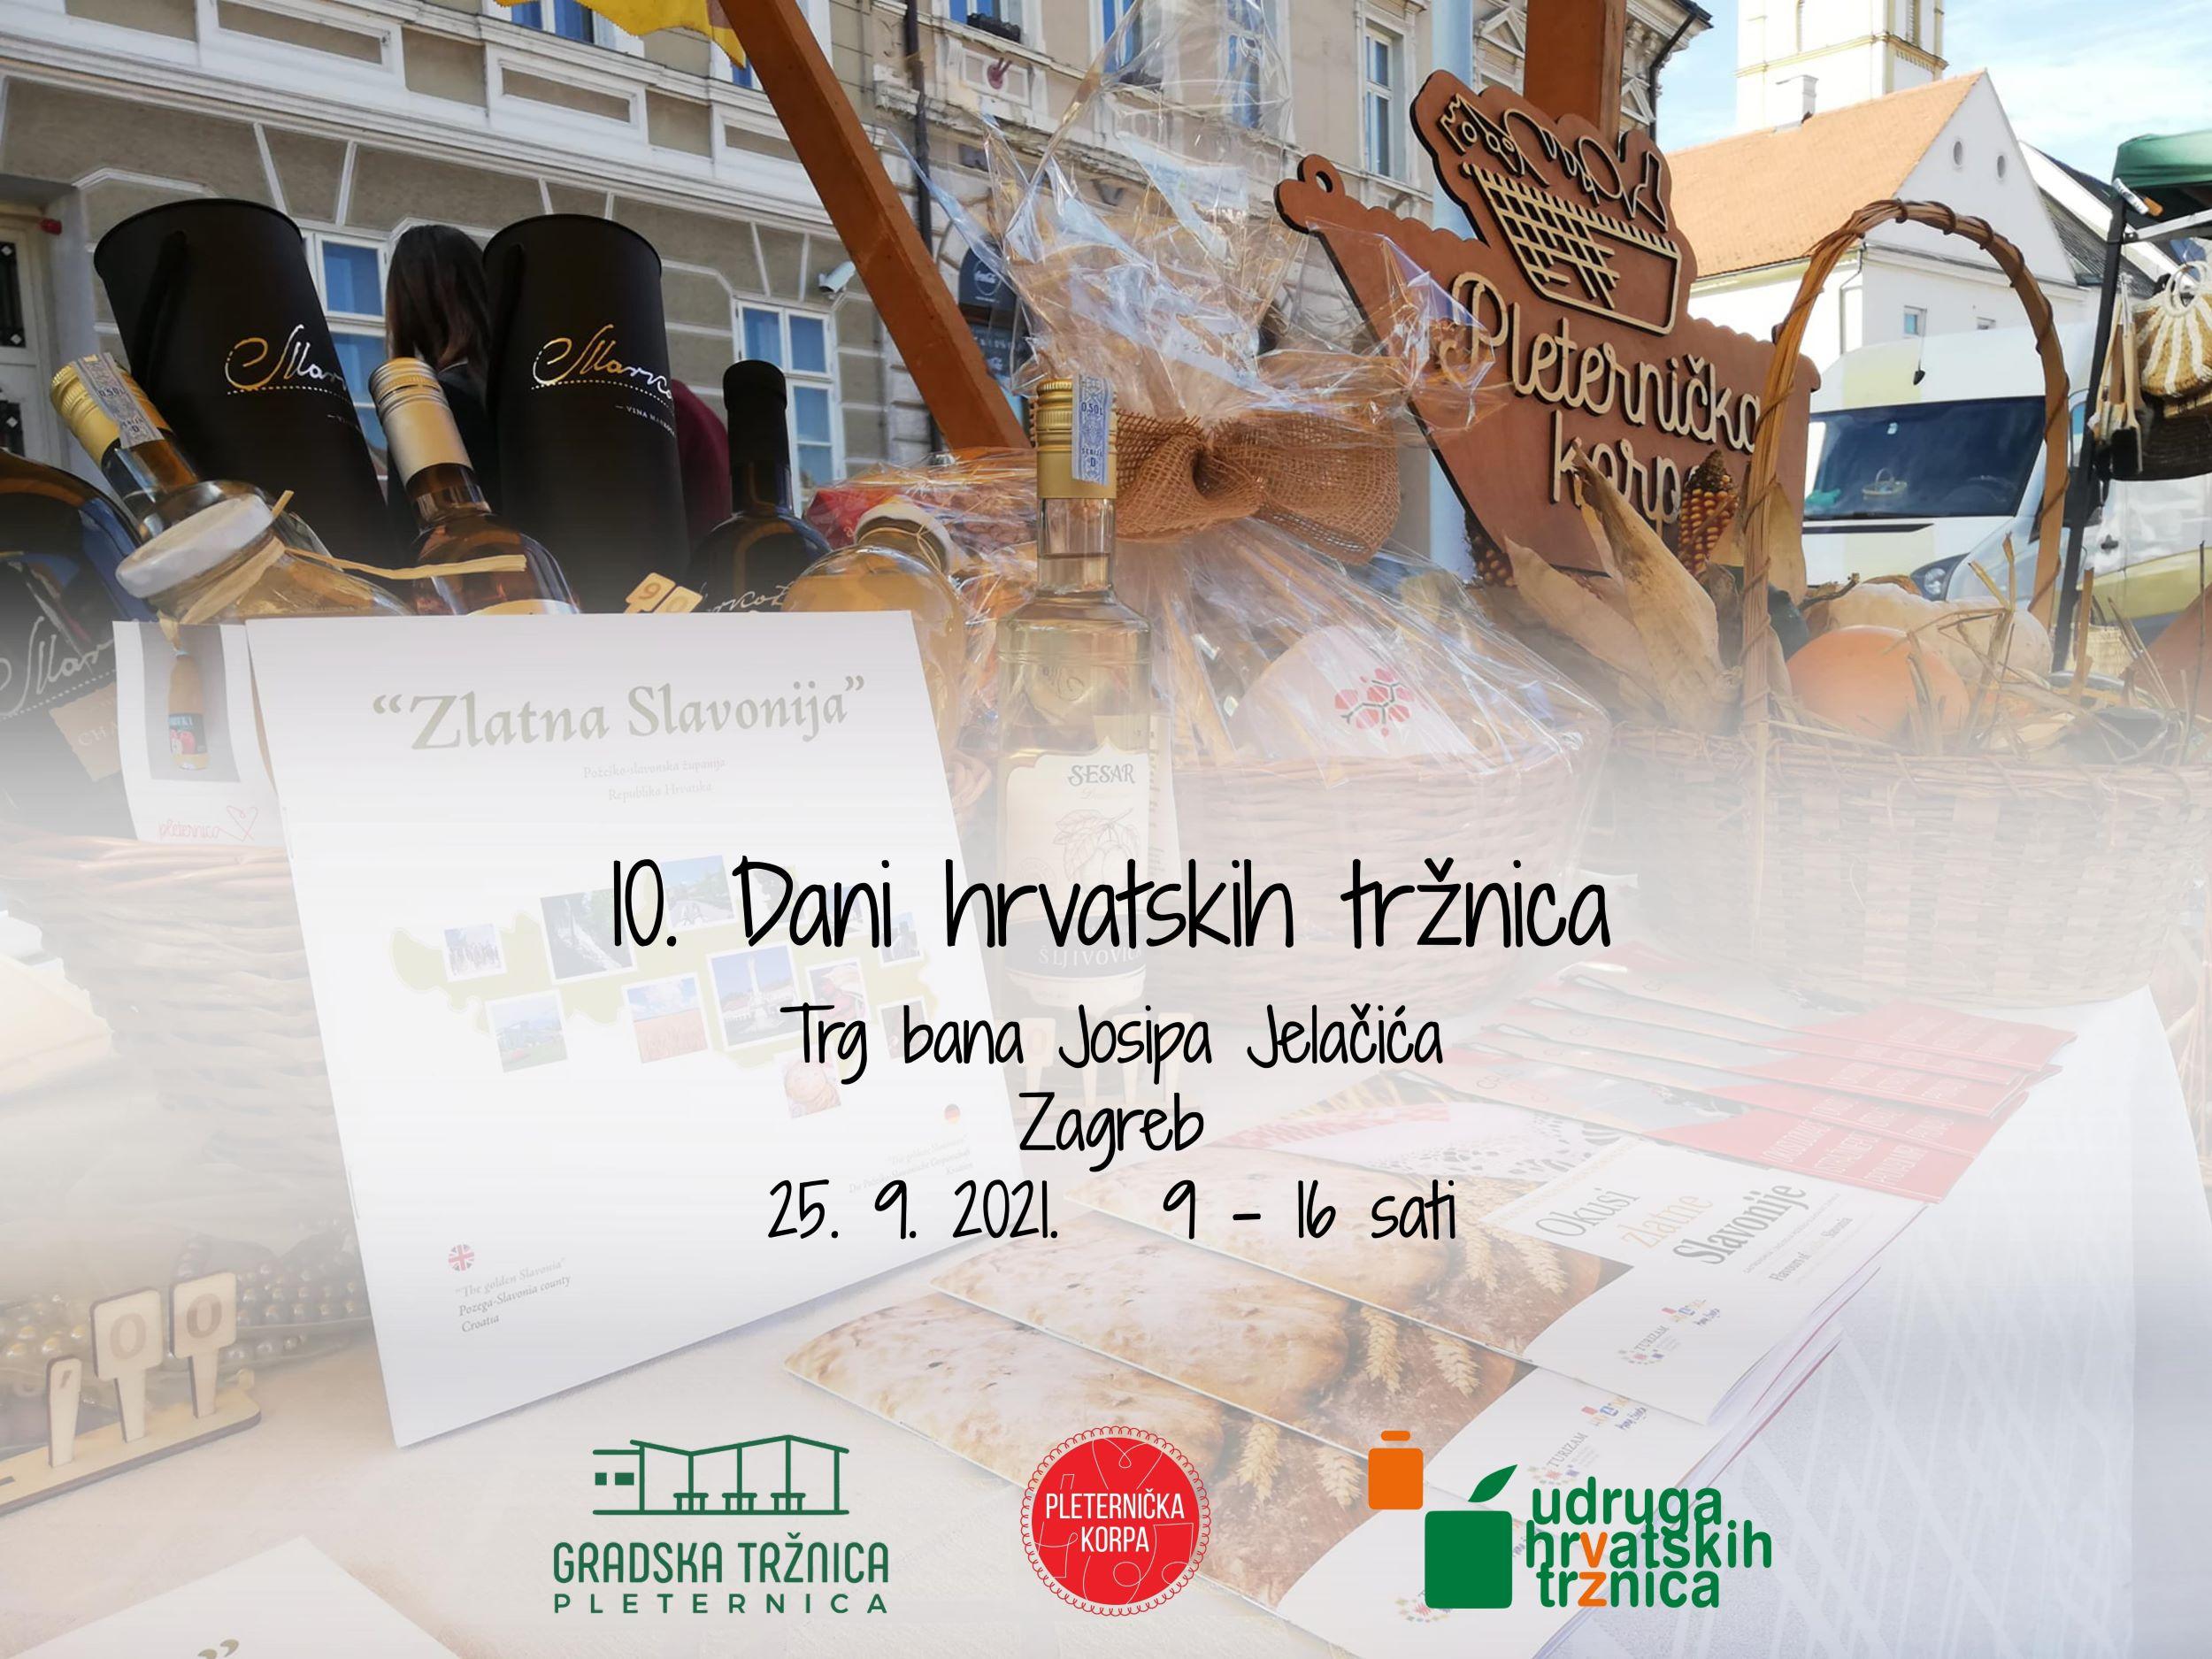 Pleternica sutra na Trgu bana Josipa Jelačića u Zagrebu – Dođite nas posjetiti!